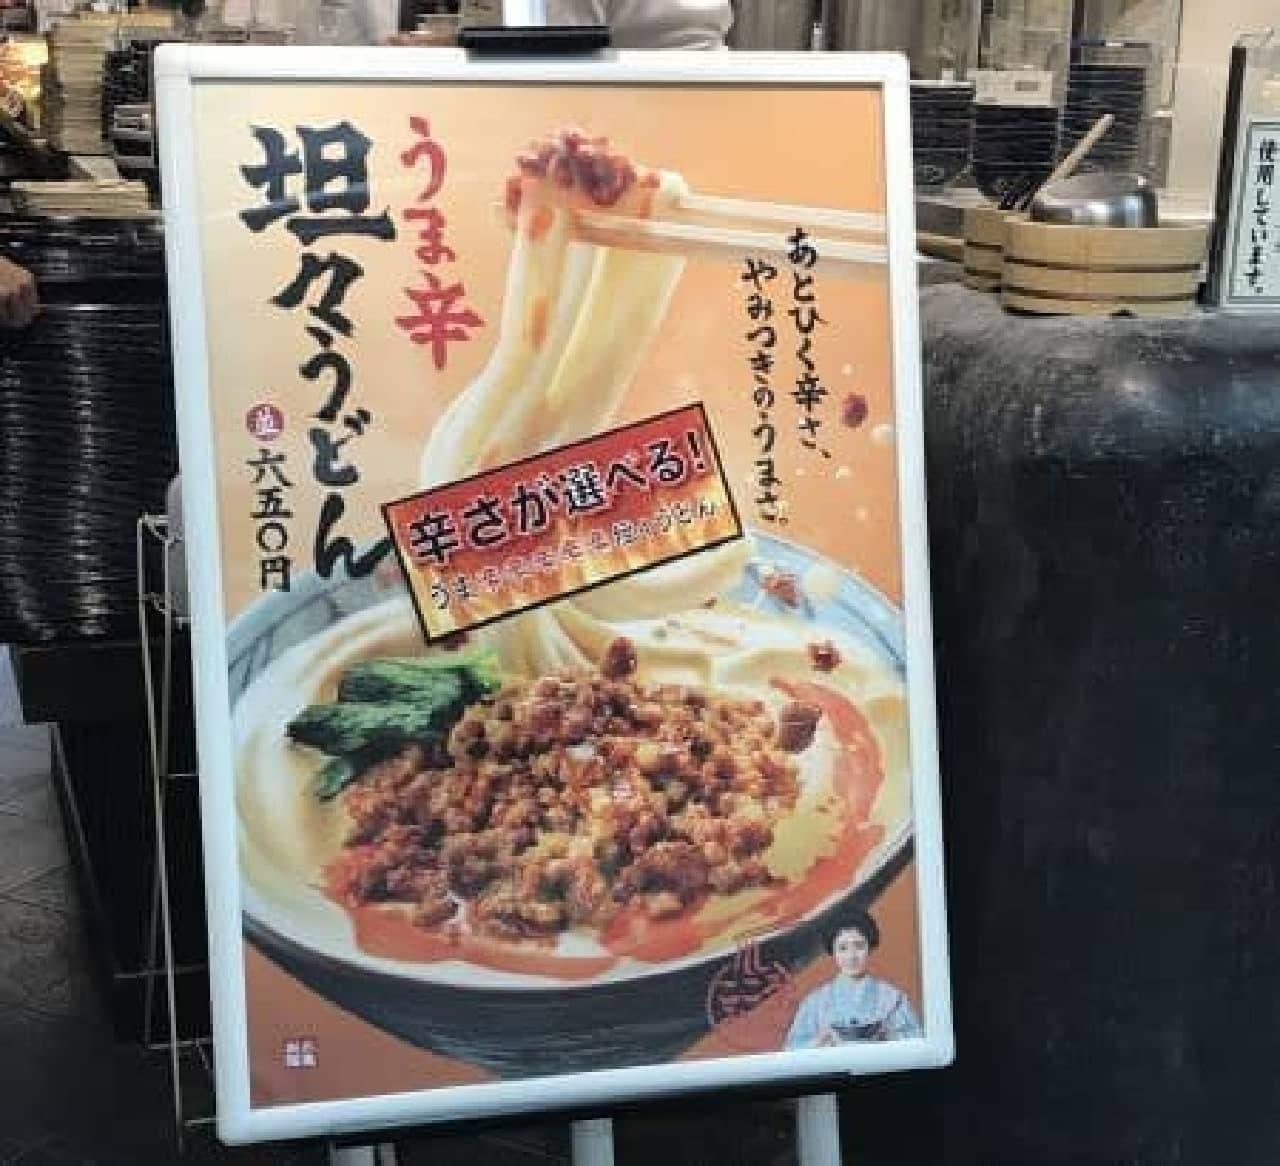 丸亀製麺「うま辛辛辛辛辛担々うどん」の看板